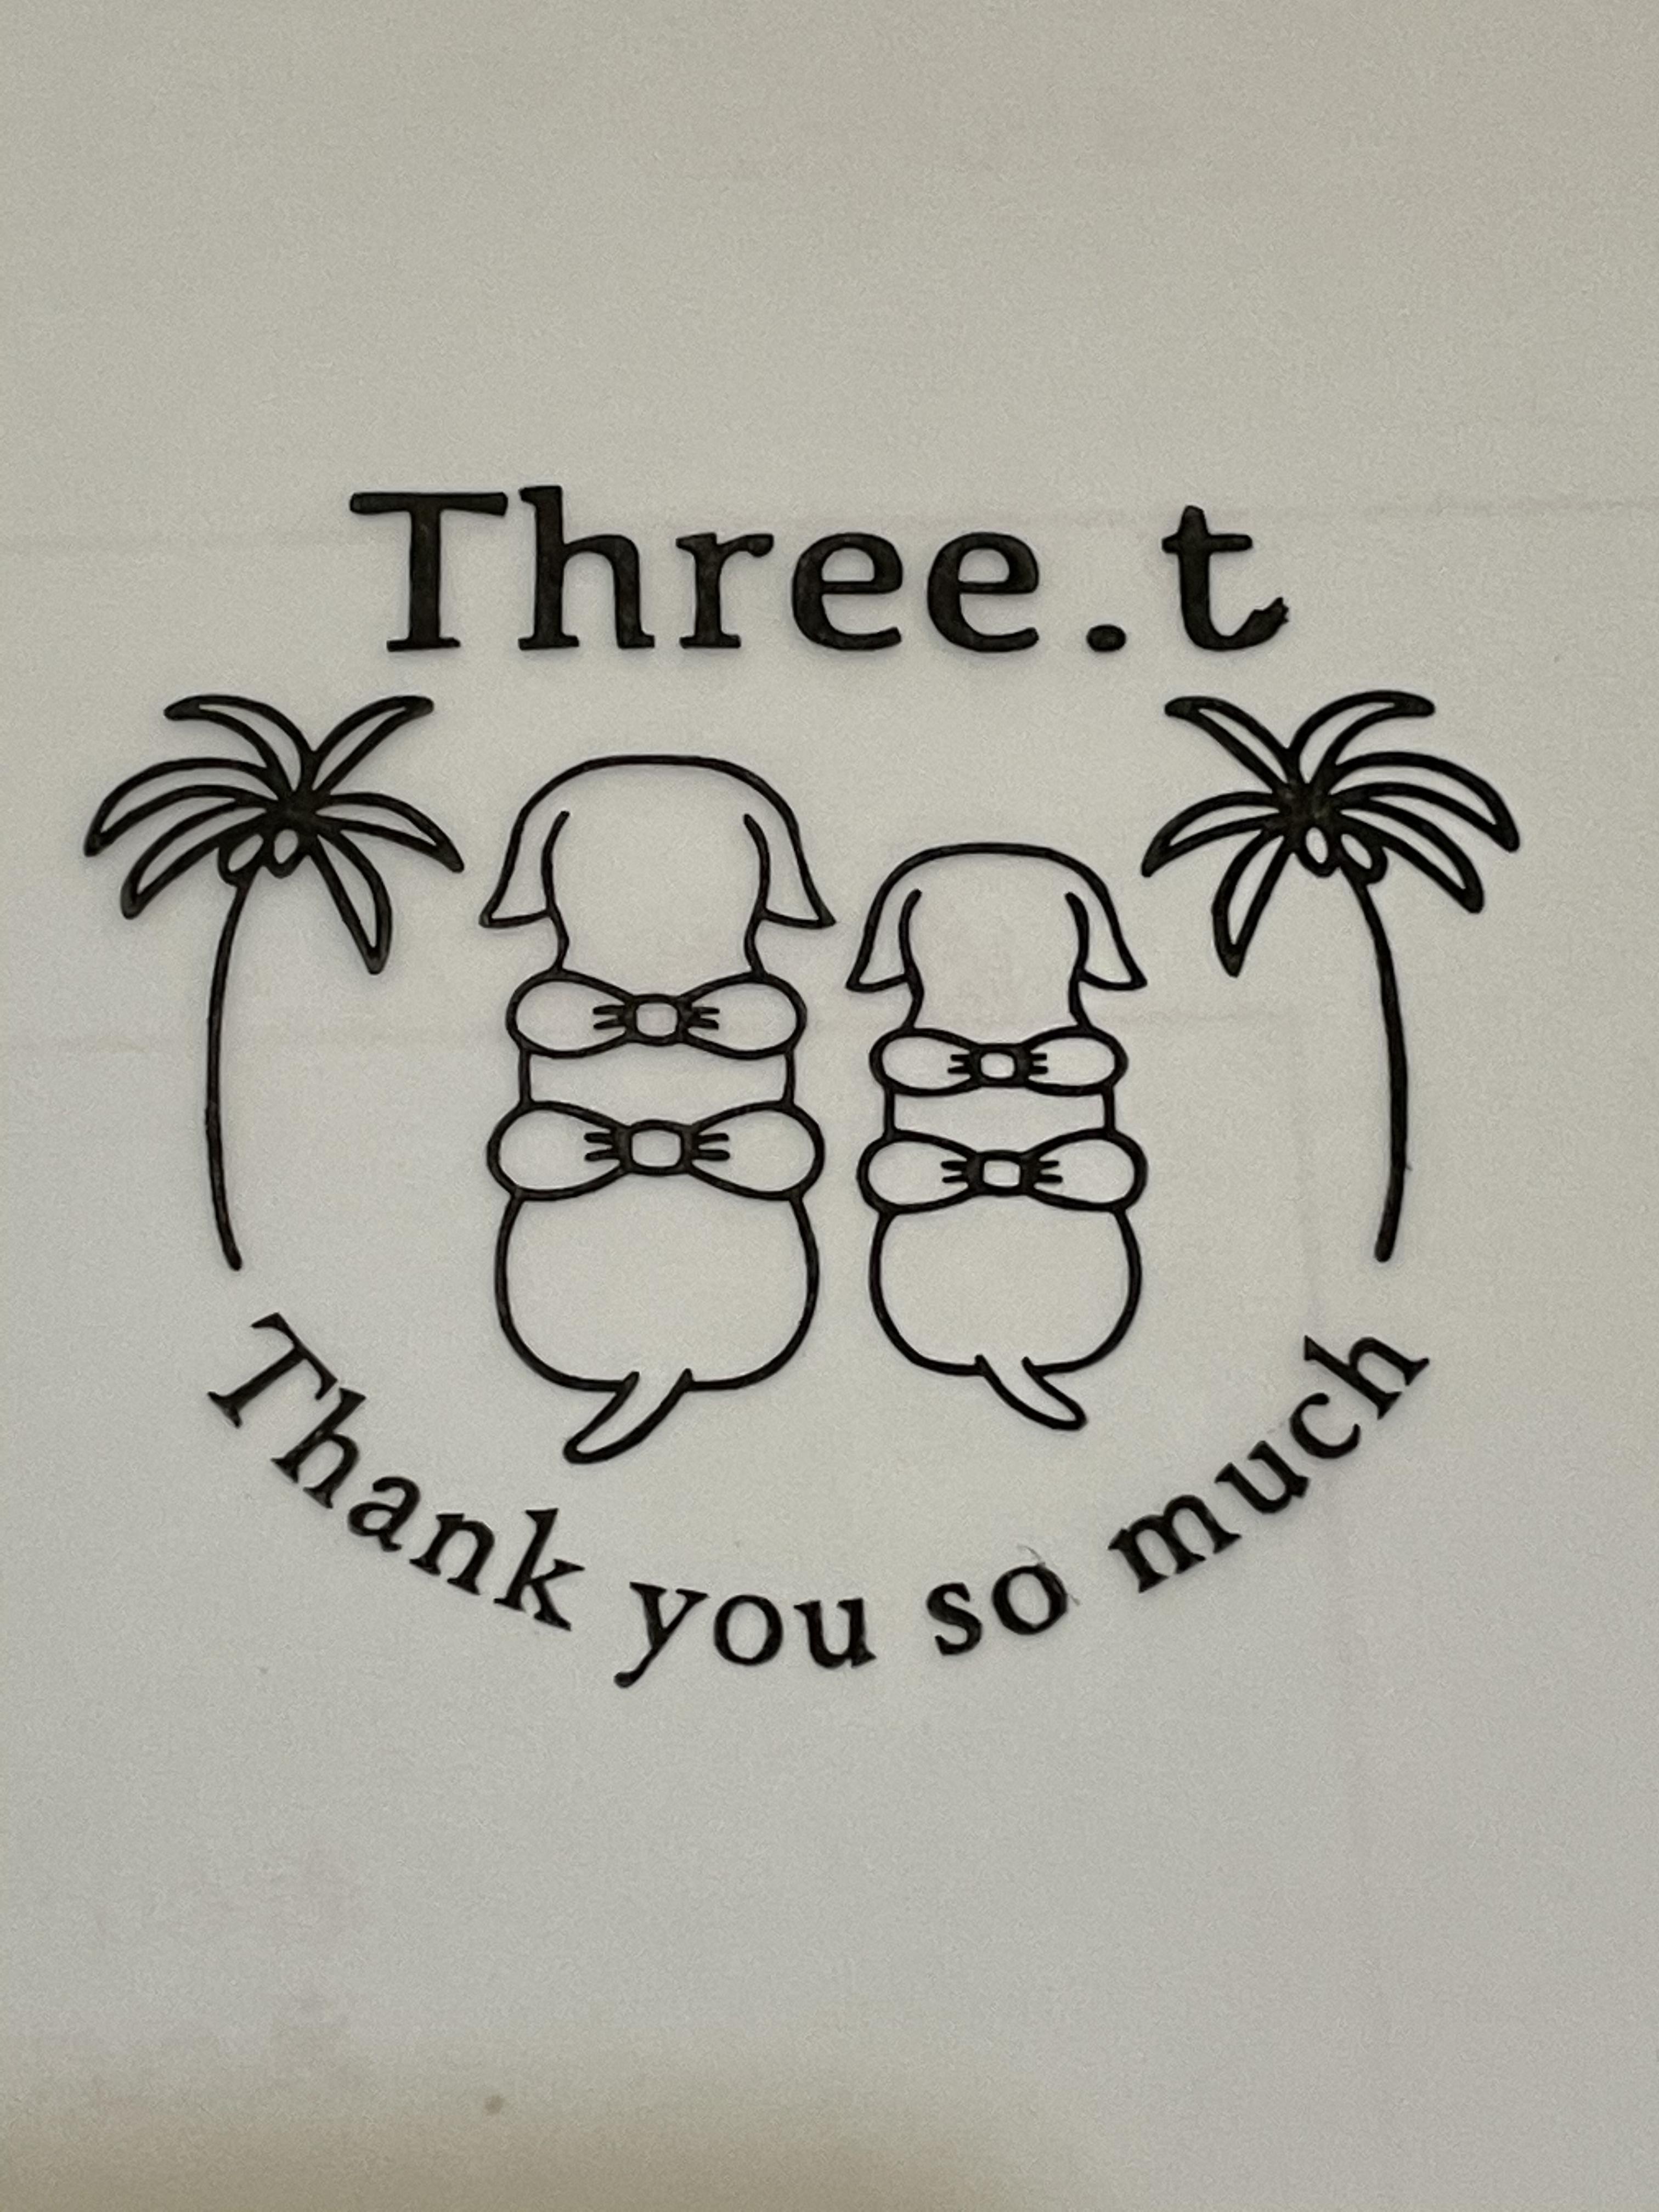 Three.t